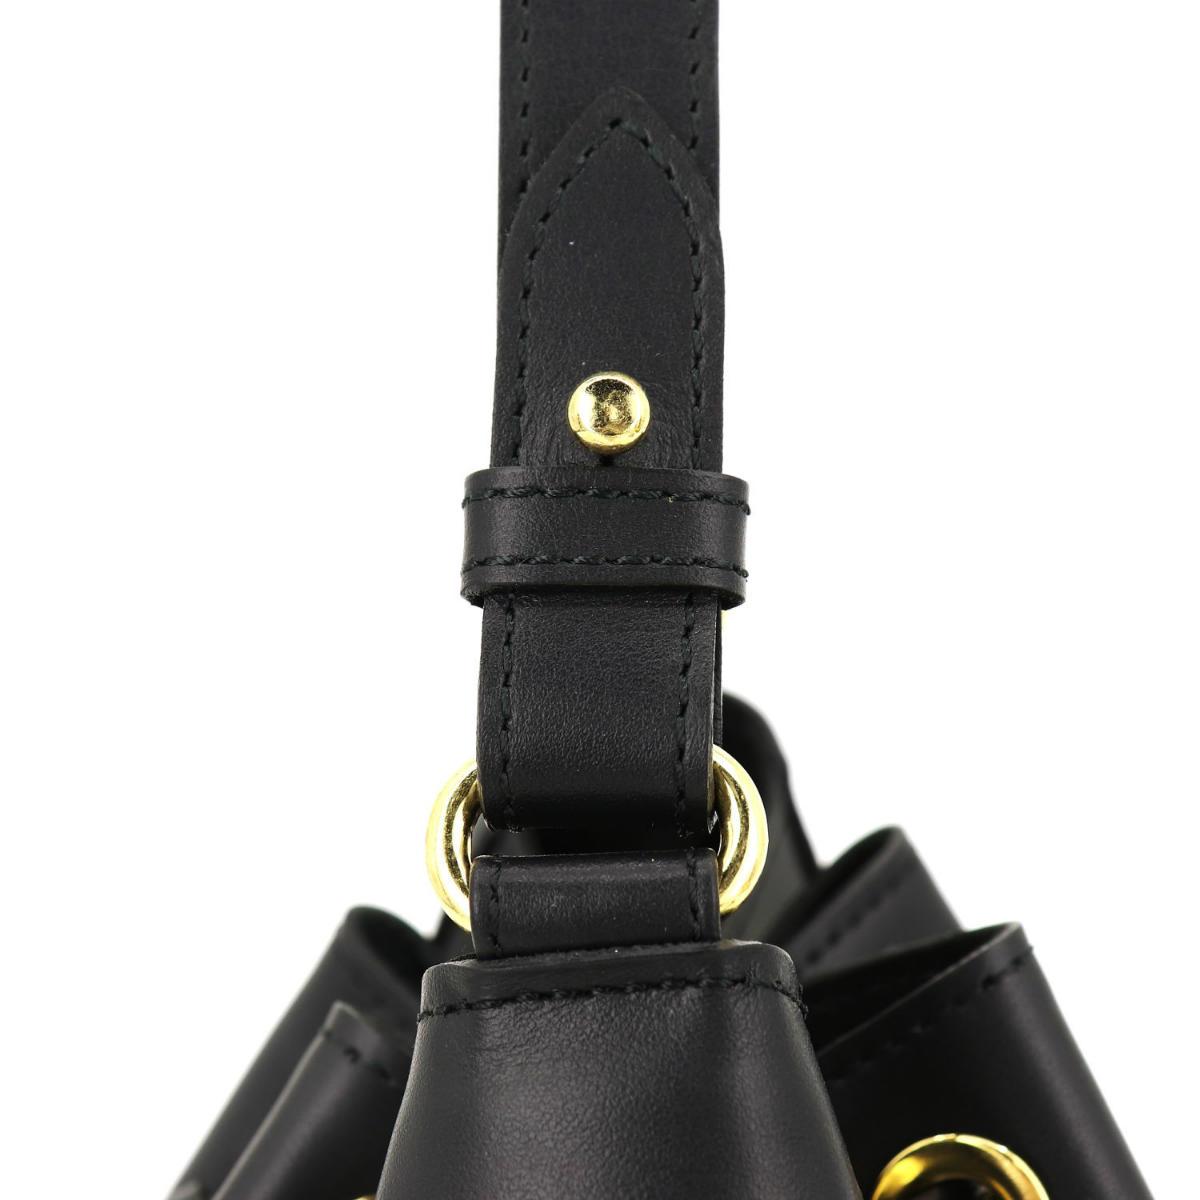 ヴィオラドーロ VIOLAd'ORO レディース レザー 2WAY  巾着型 ハンドバッグ TRILL トリル V-1300 VLD BLACK(ブラック) 春夏新作